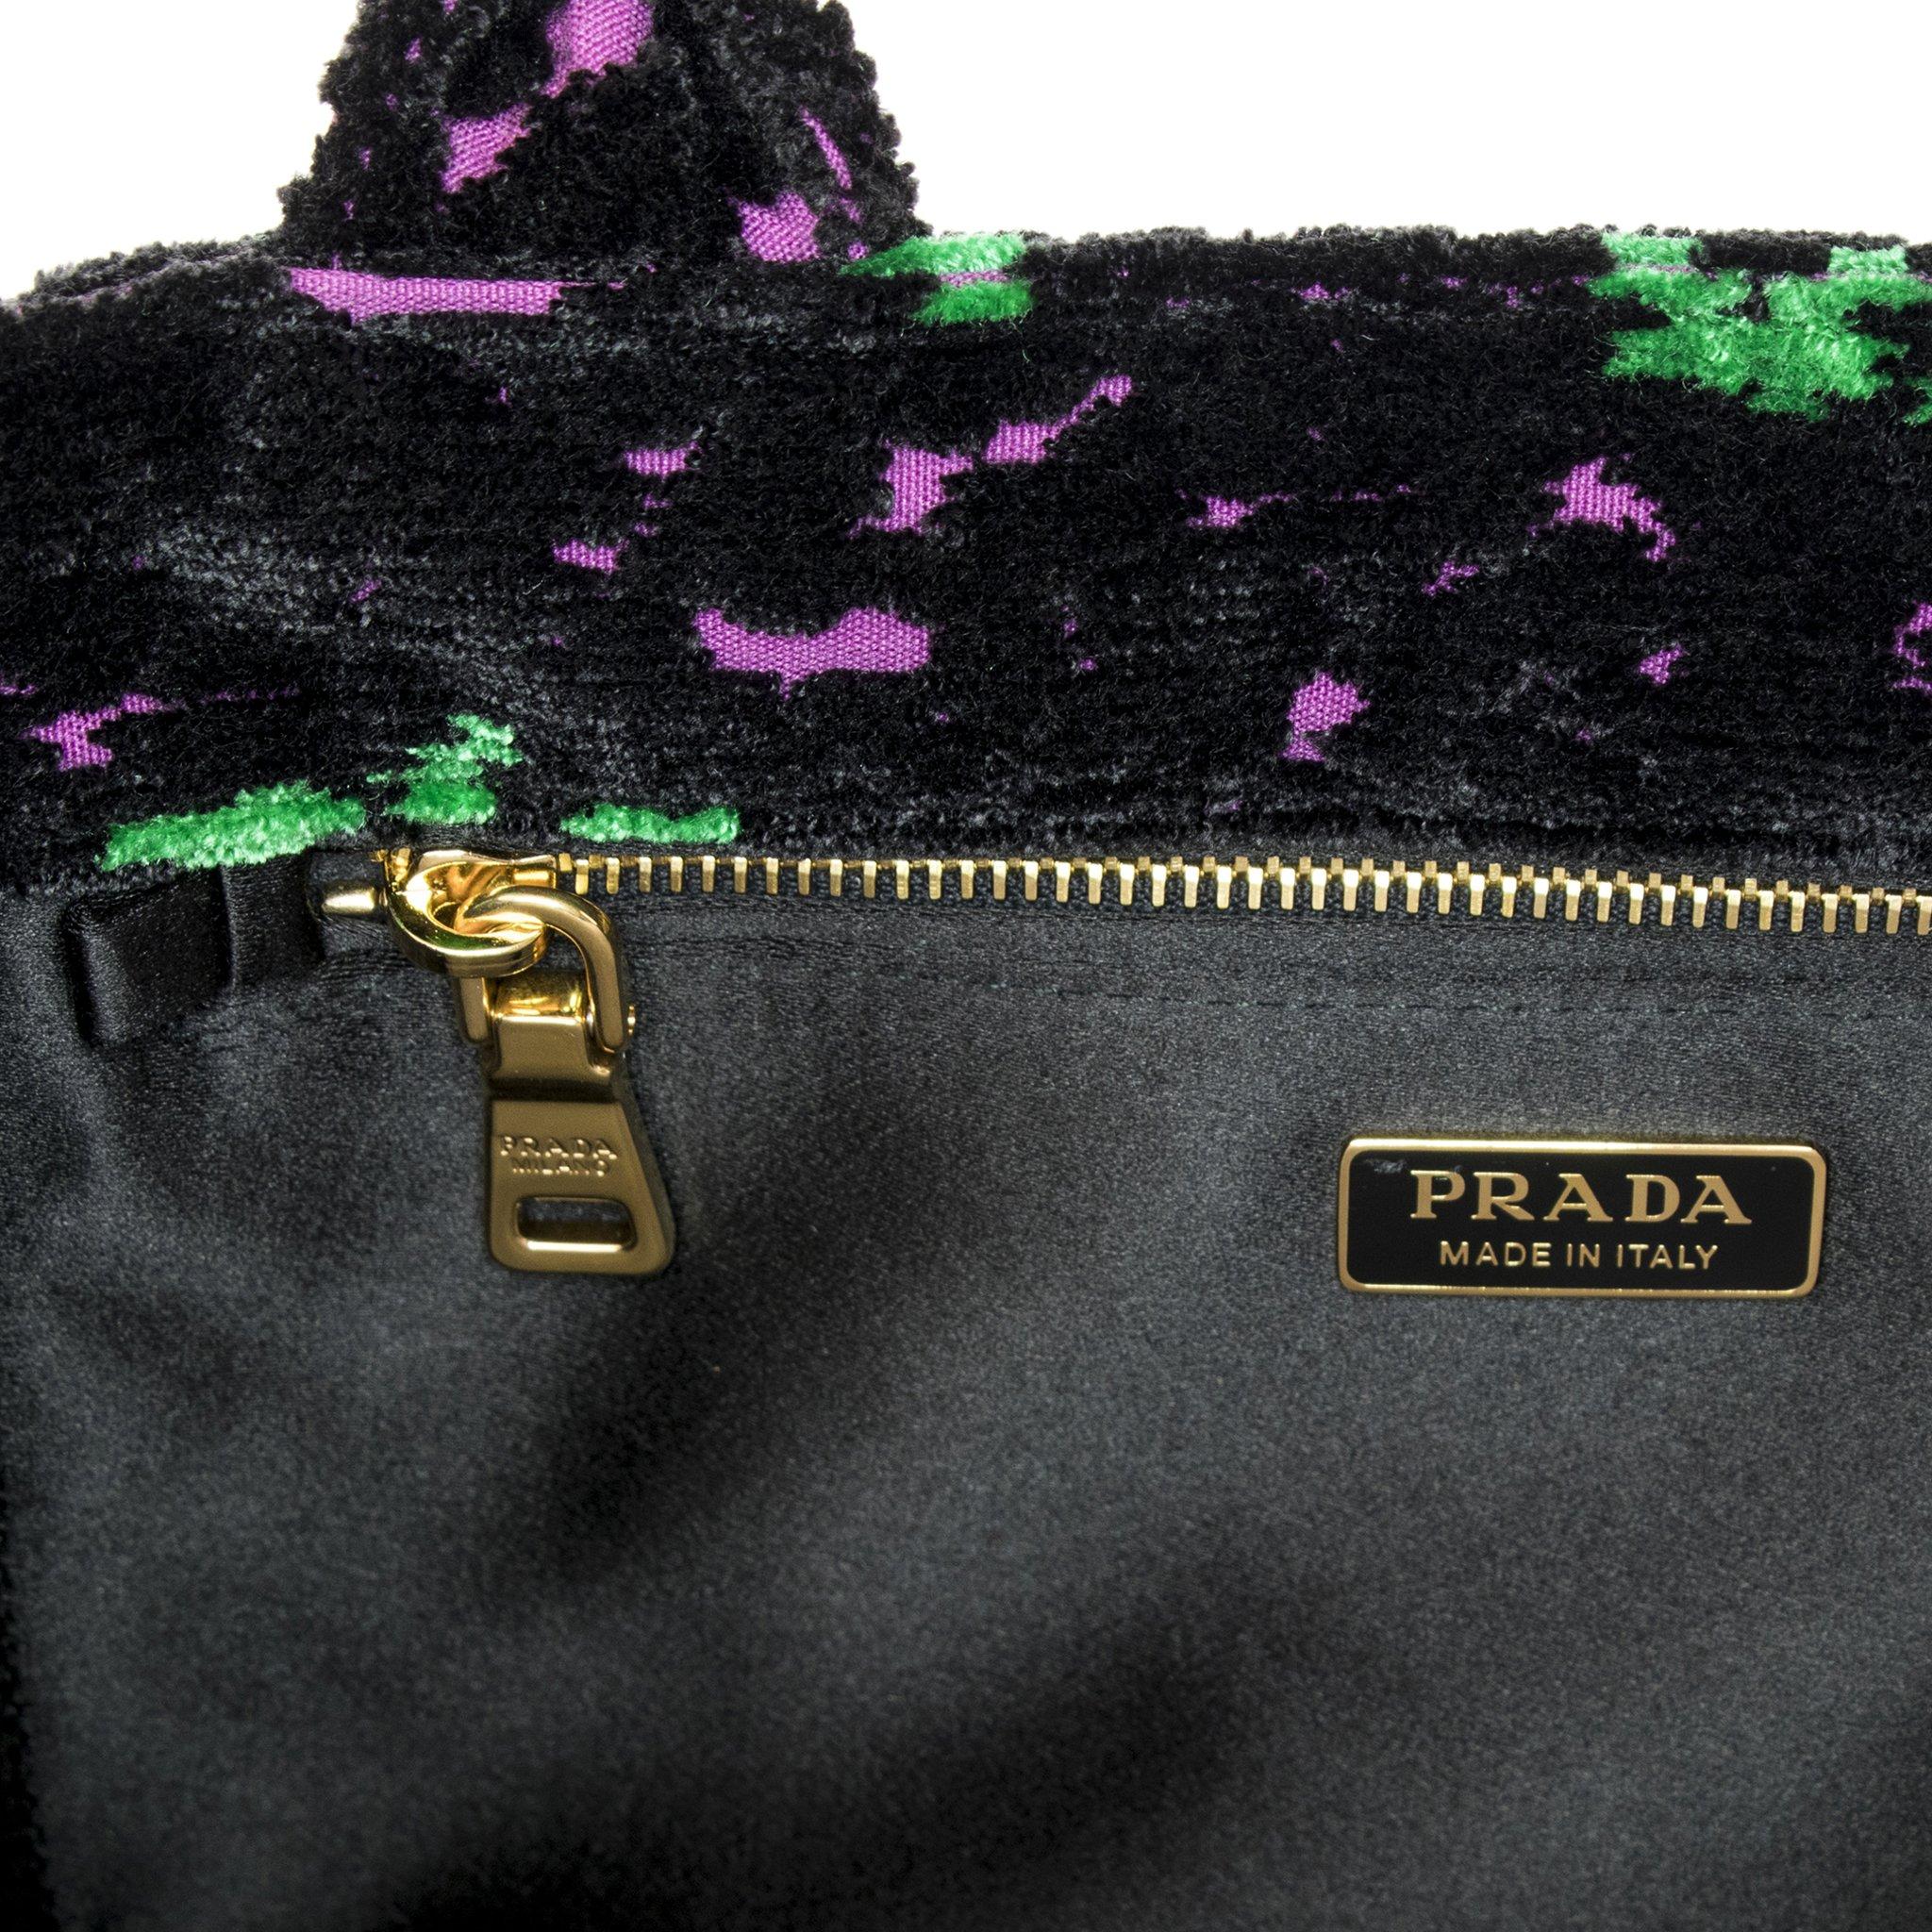 Prada Women's Green and Fuschia Flowers Velvet Handbag Black